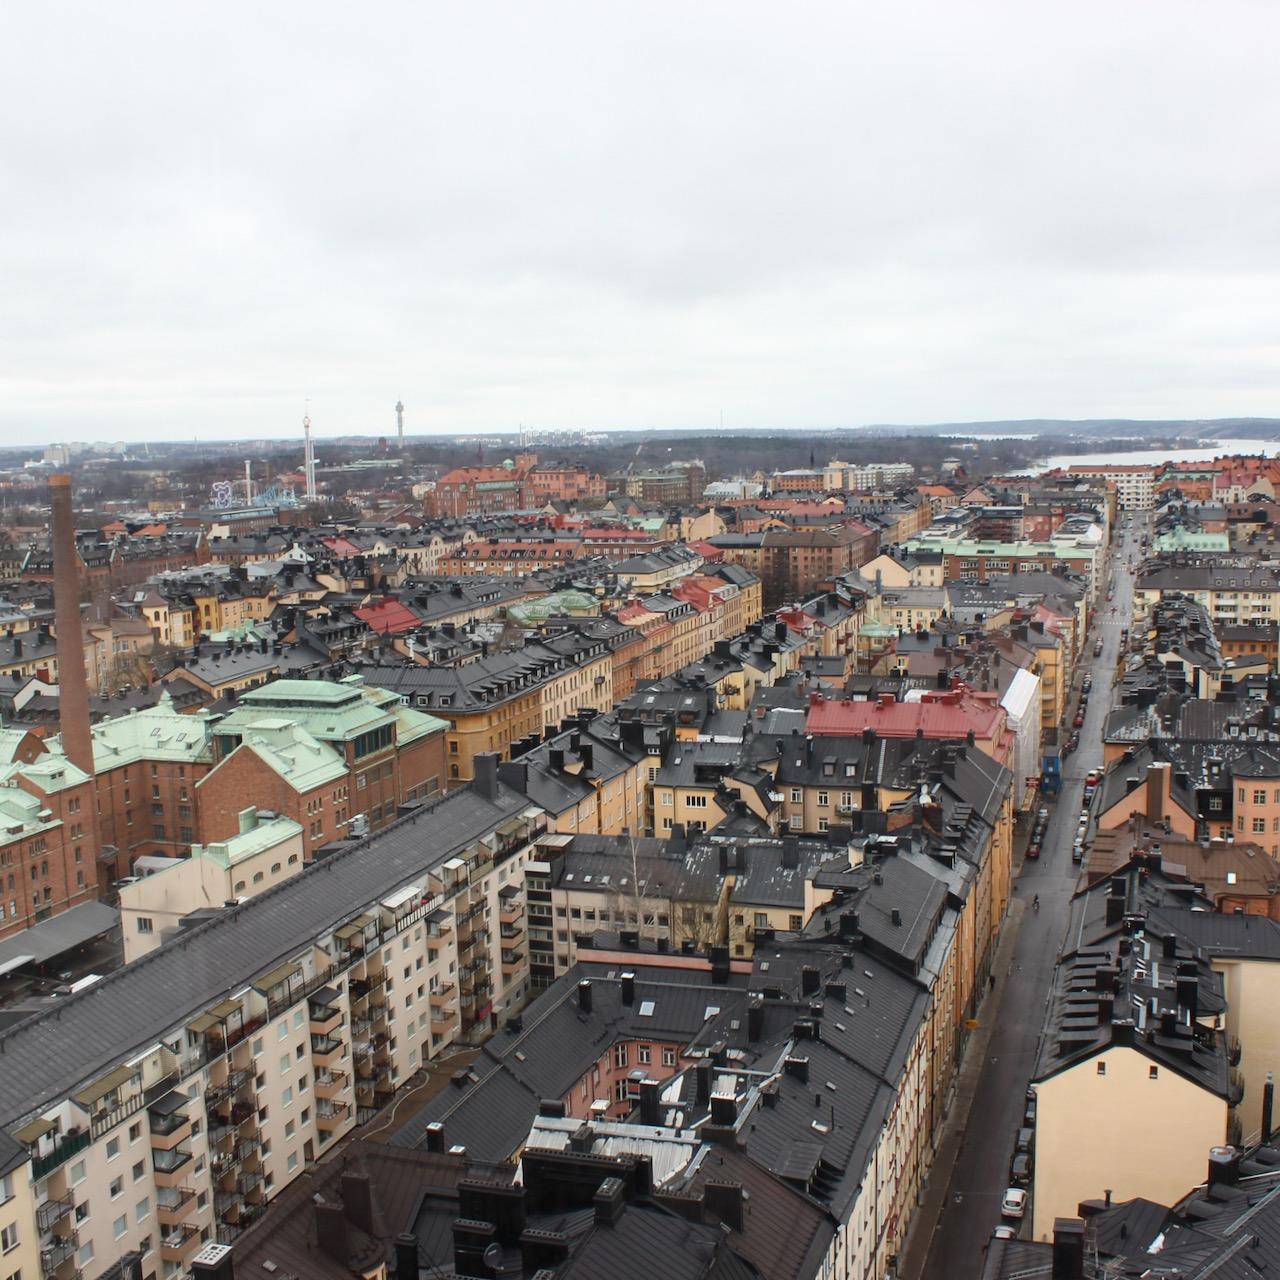 Stockholm, Sweden - 15